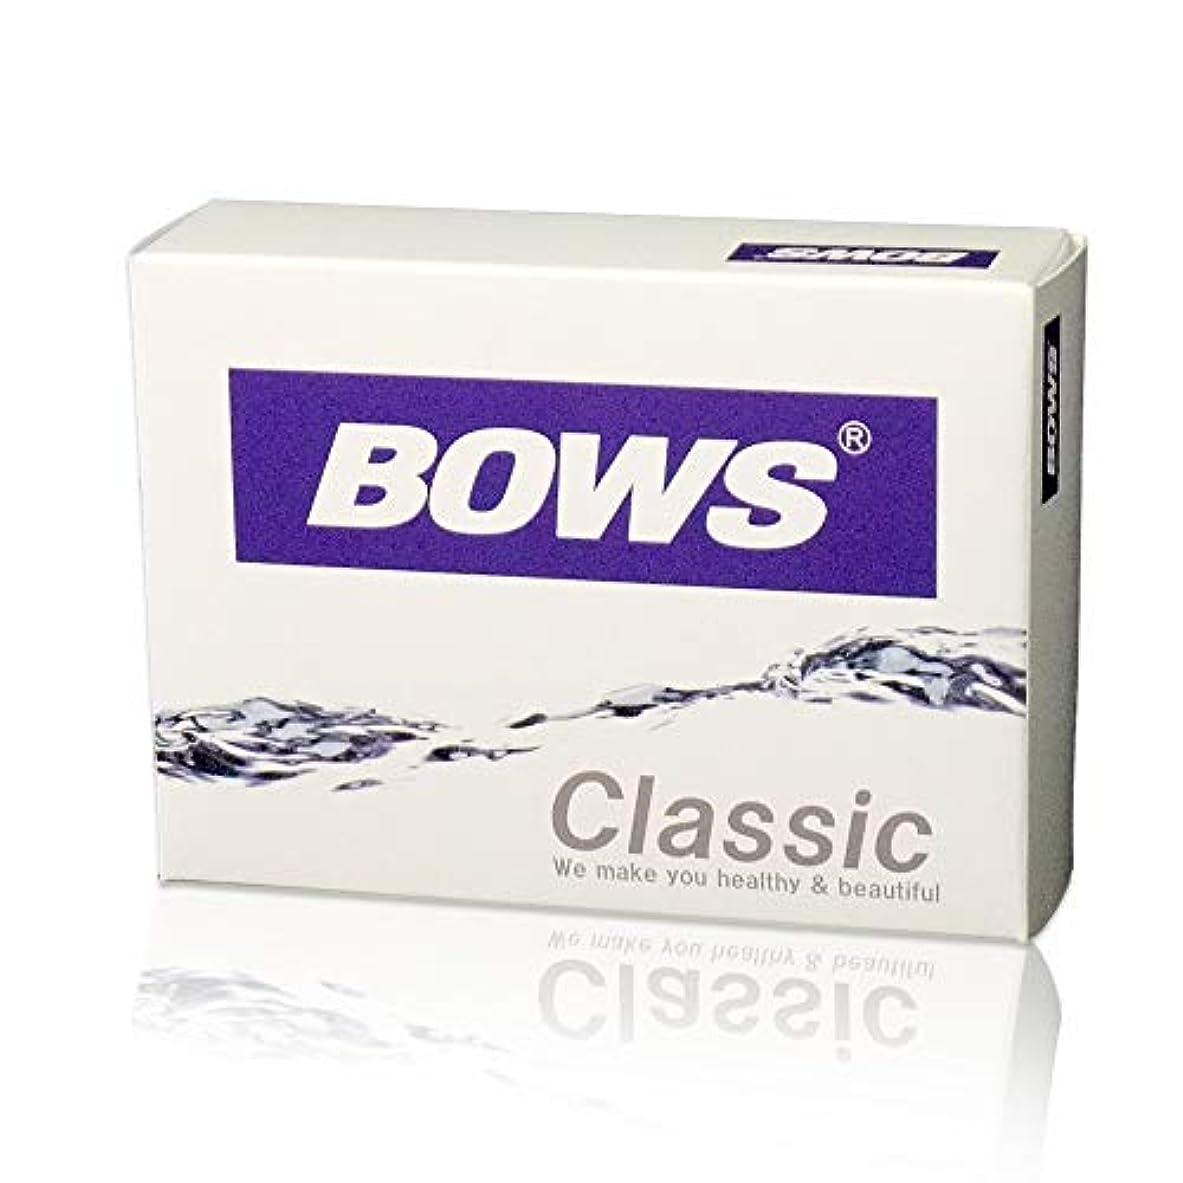 コントローラアウター罪悪感BOWS Classic(ボウス クラシック) 90g (30包)